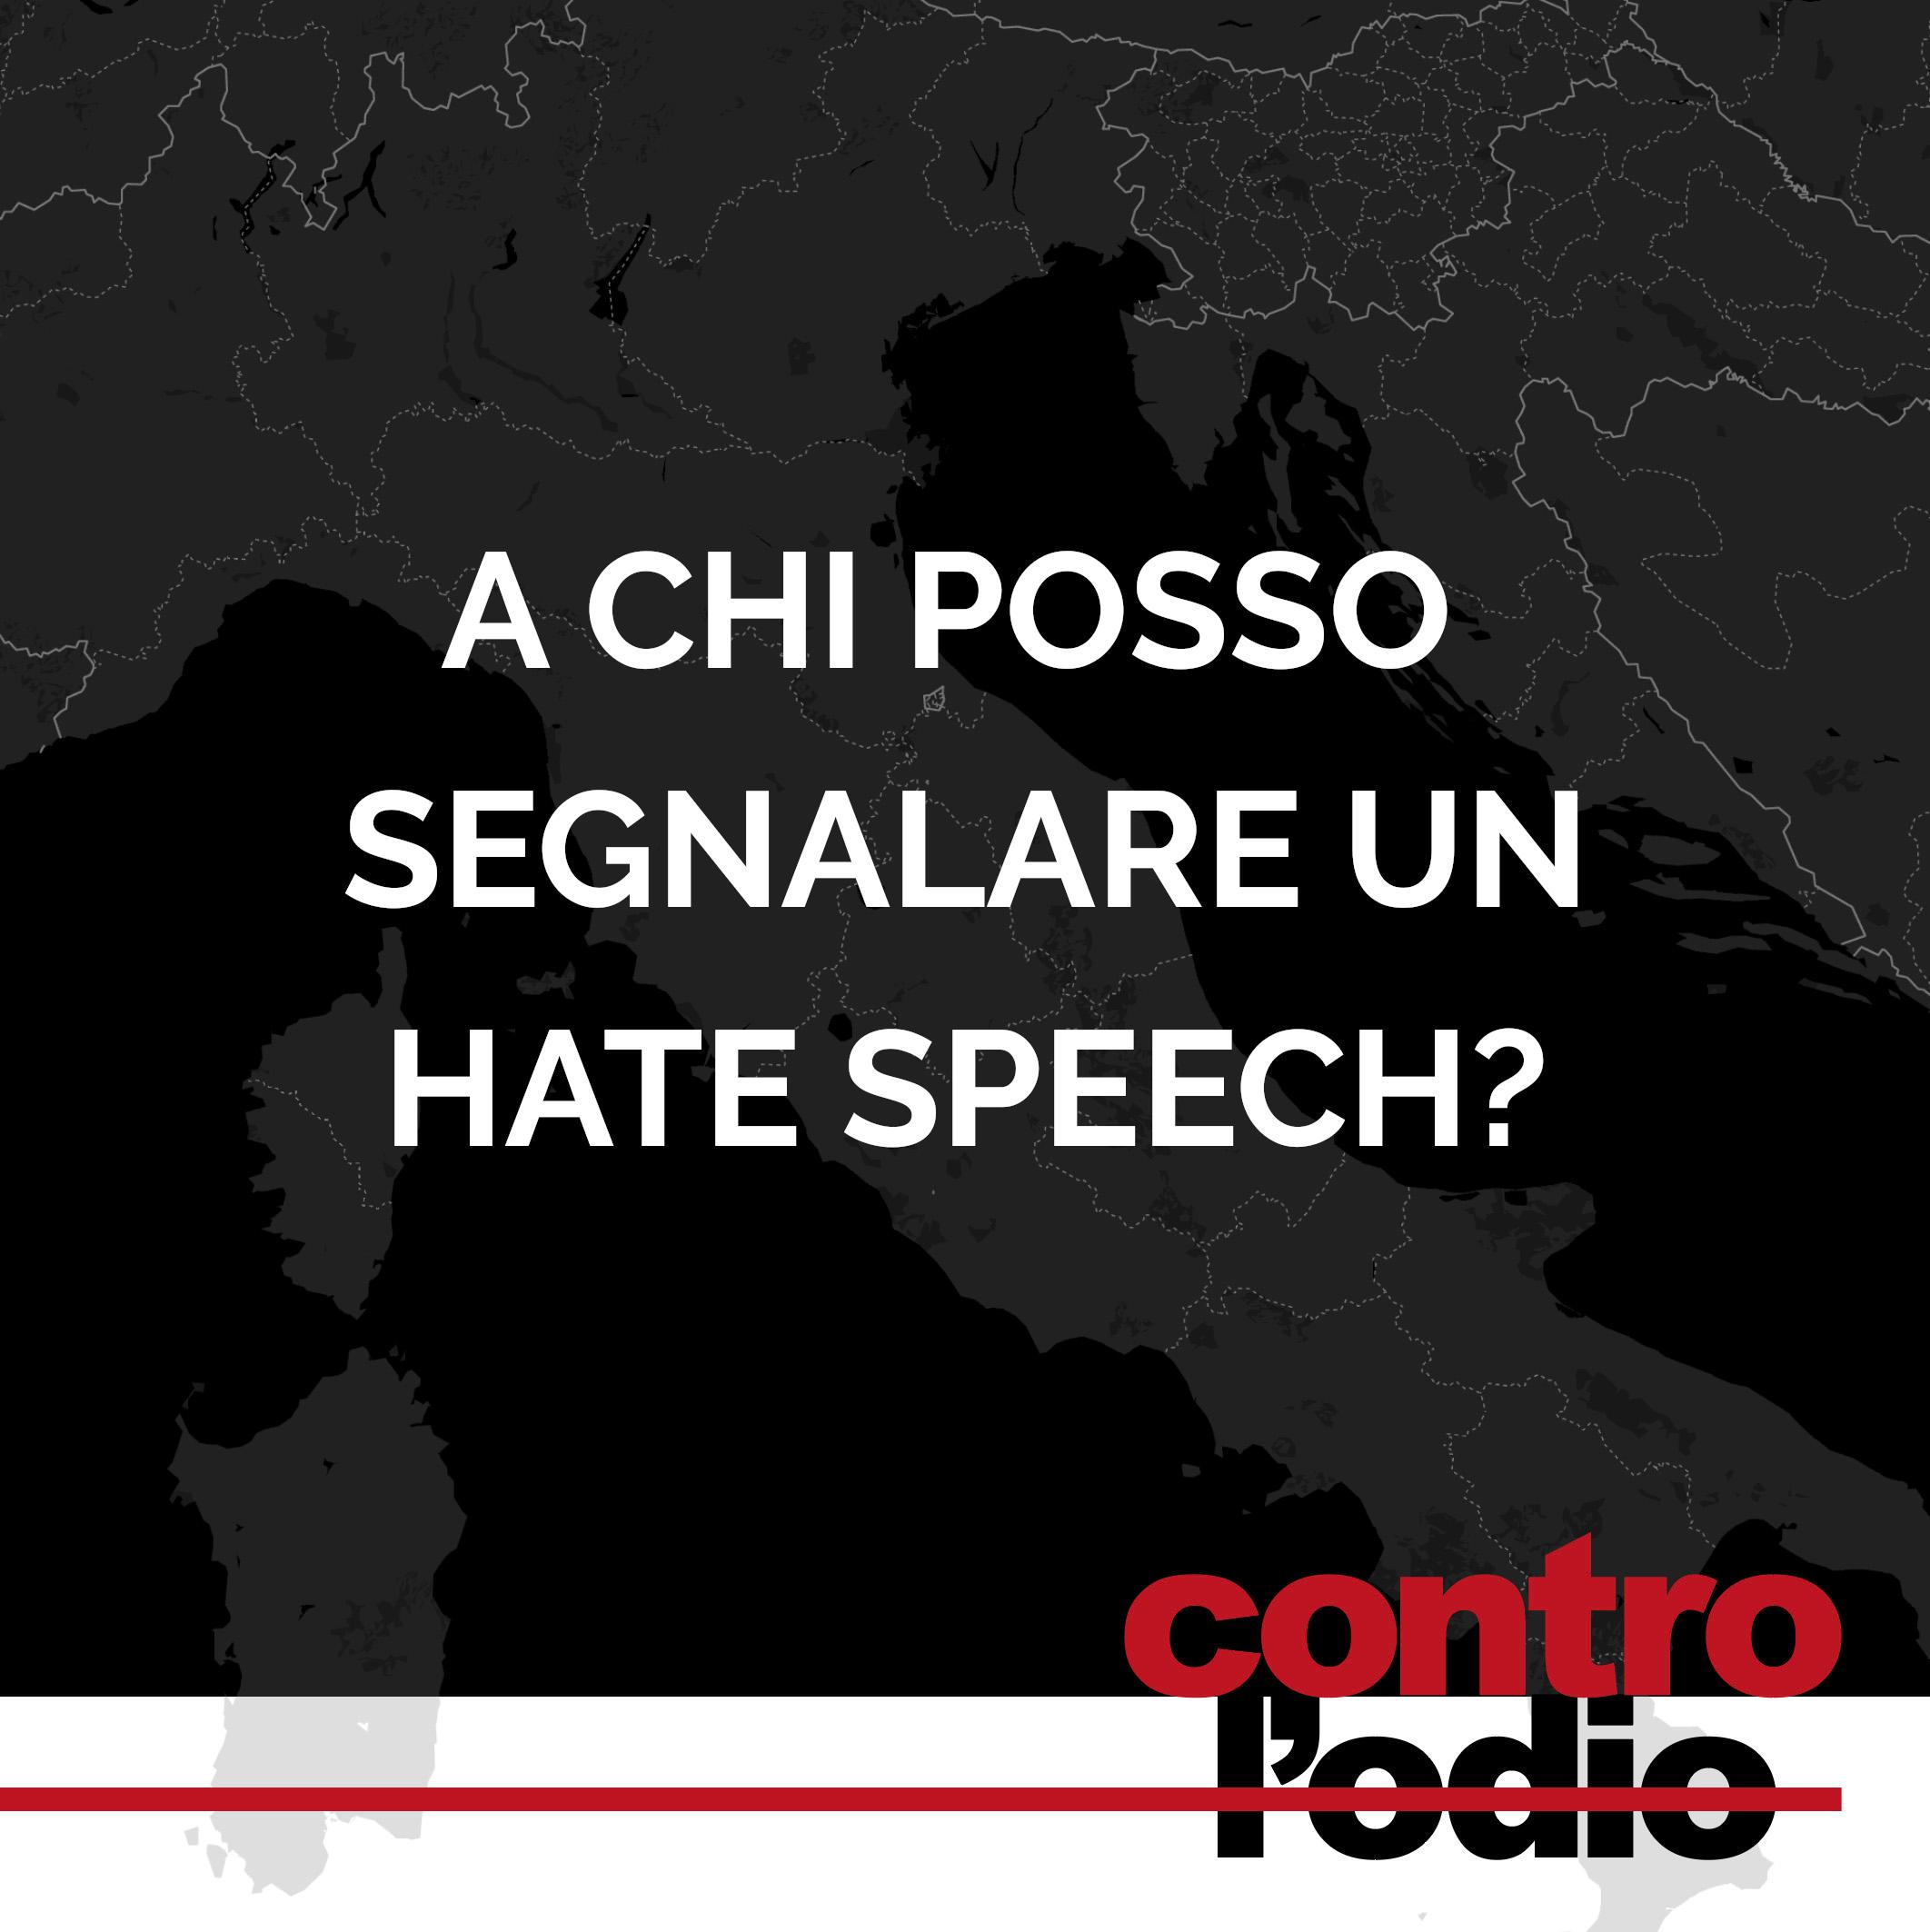 chi raccoglie le segnalazioni di hate speech o discorsi di incitamento all'odio